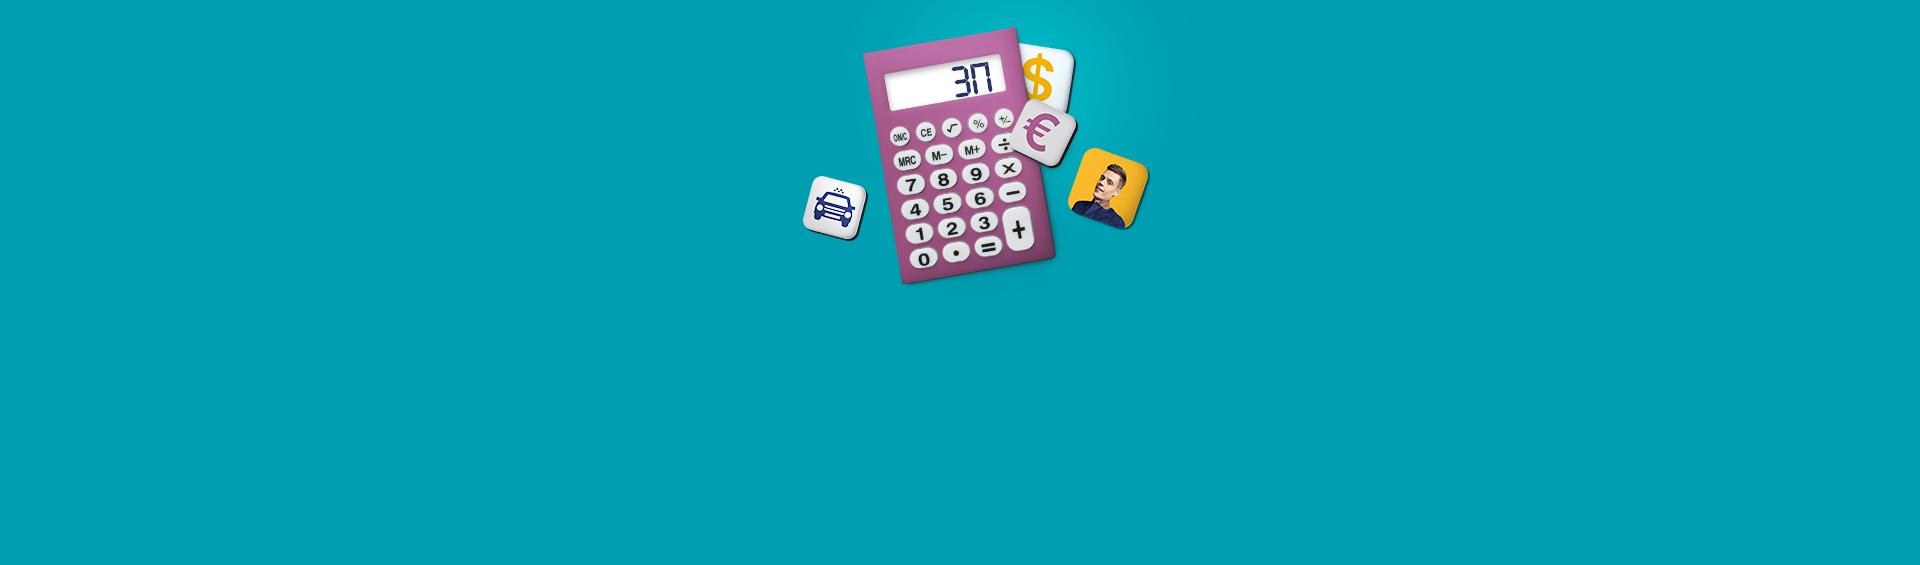 Калькулятор. Сколько вы зарабатываете в минуту?